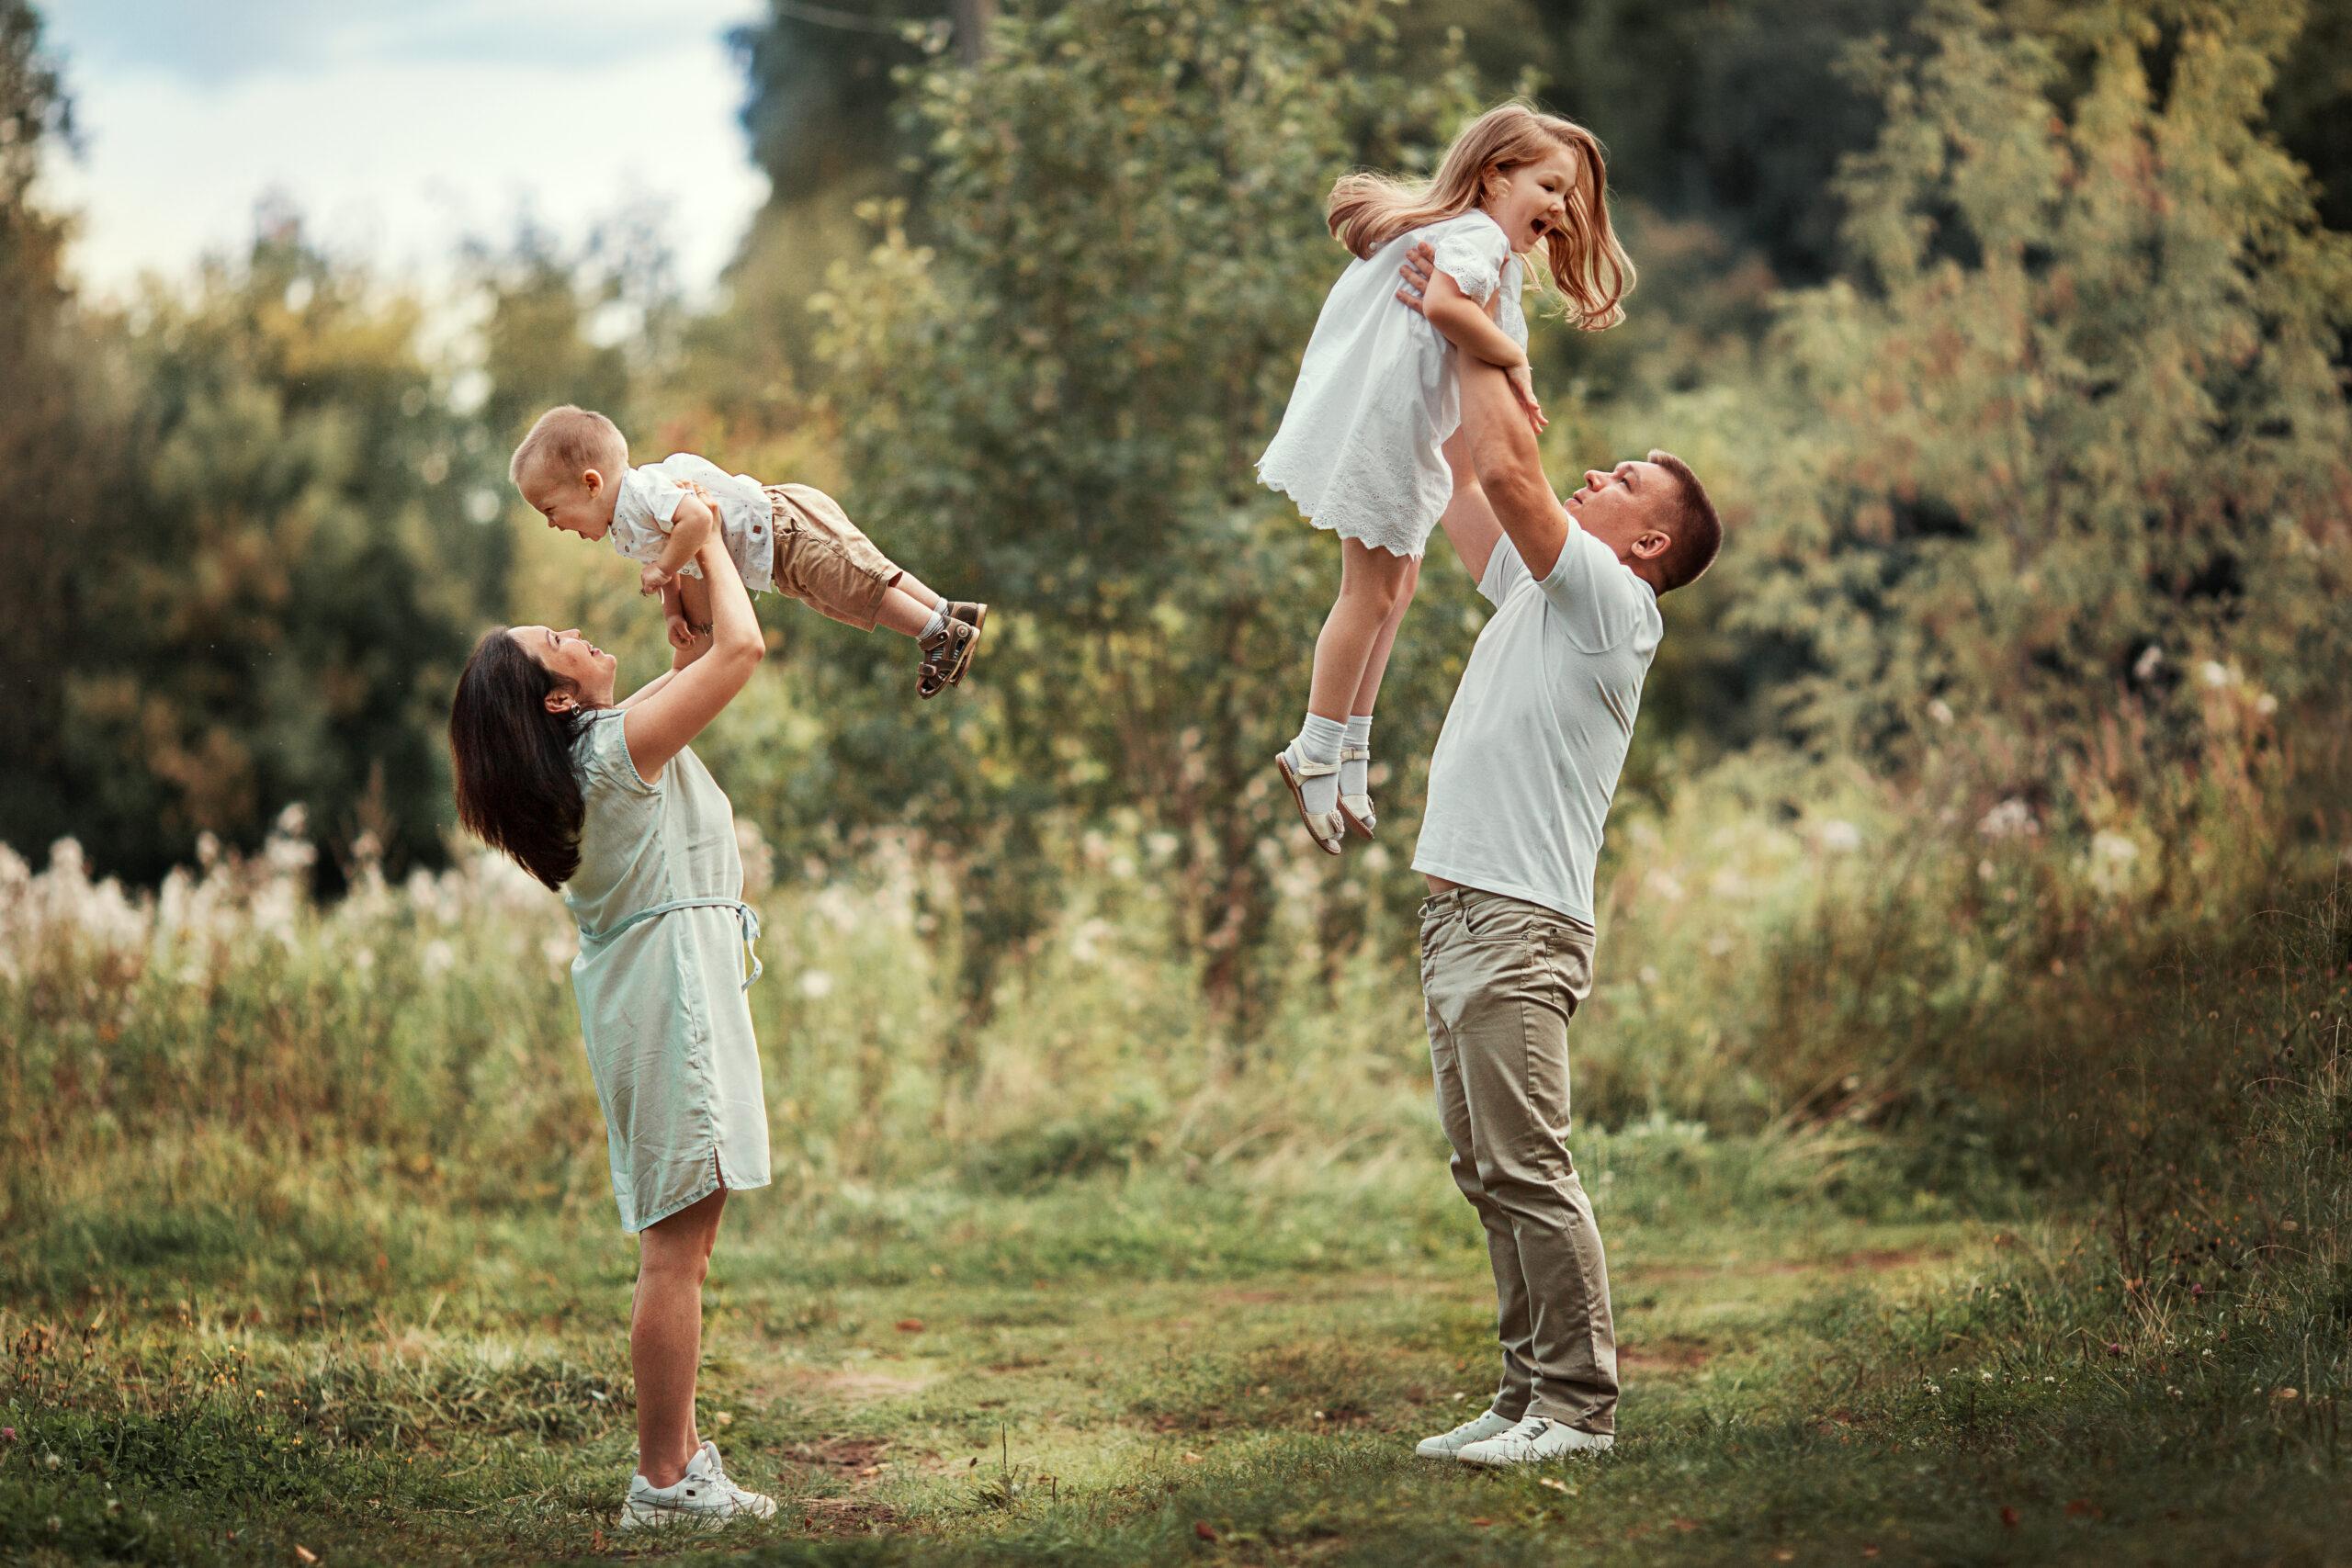 В «Россети Центр и Приволжье Мариэнерго» прошел фотоконкурс «Моя семья – мое богатство!»